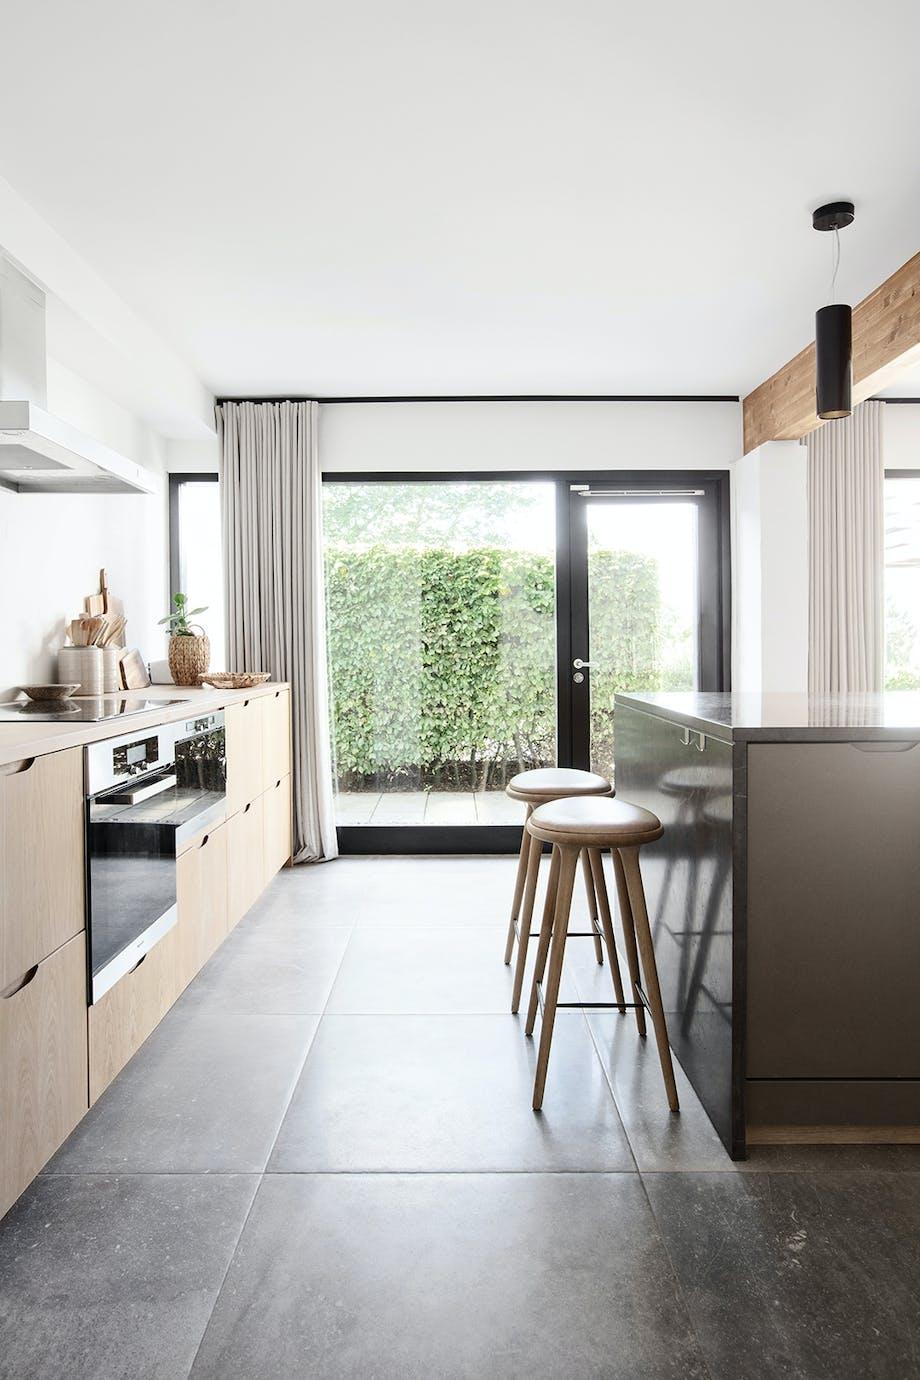 Køkken i eg marmor køkken-ø gardiner i hør